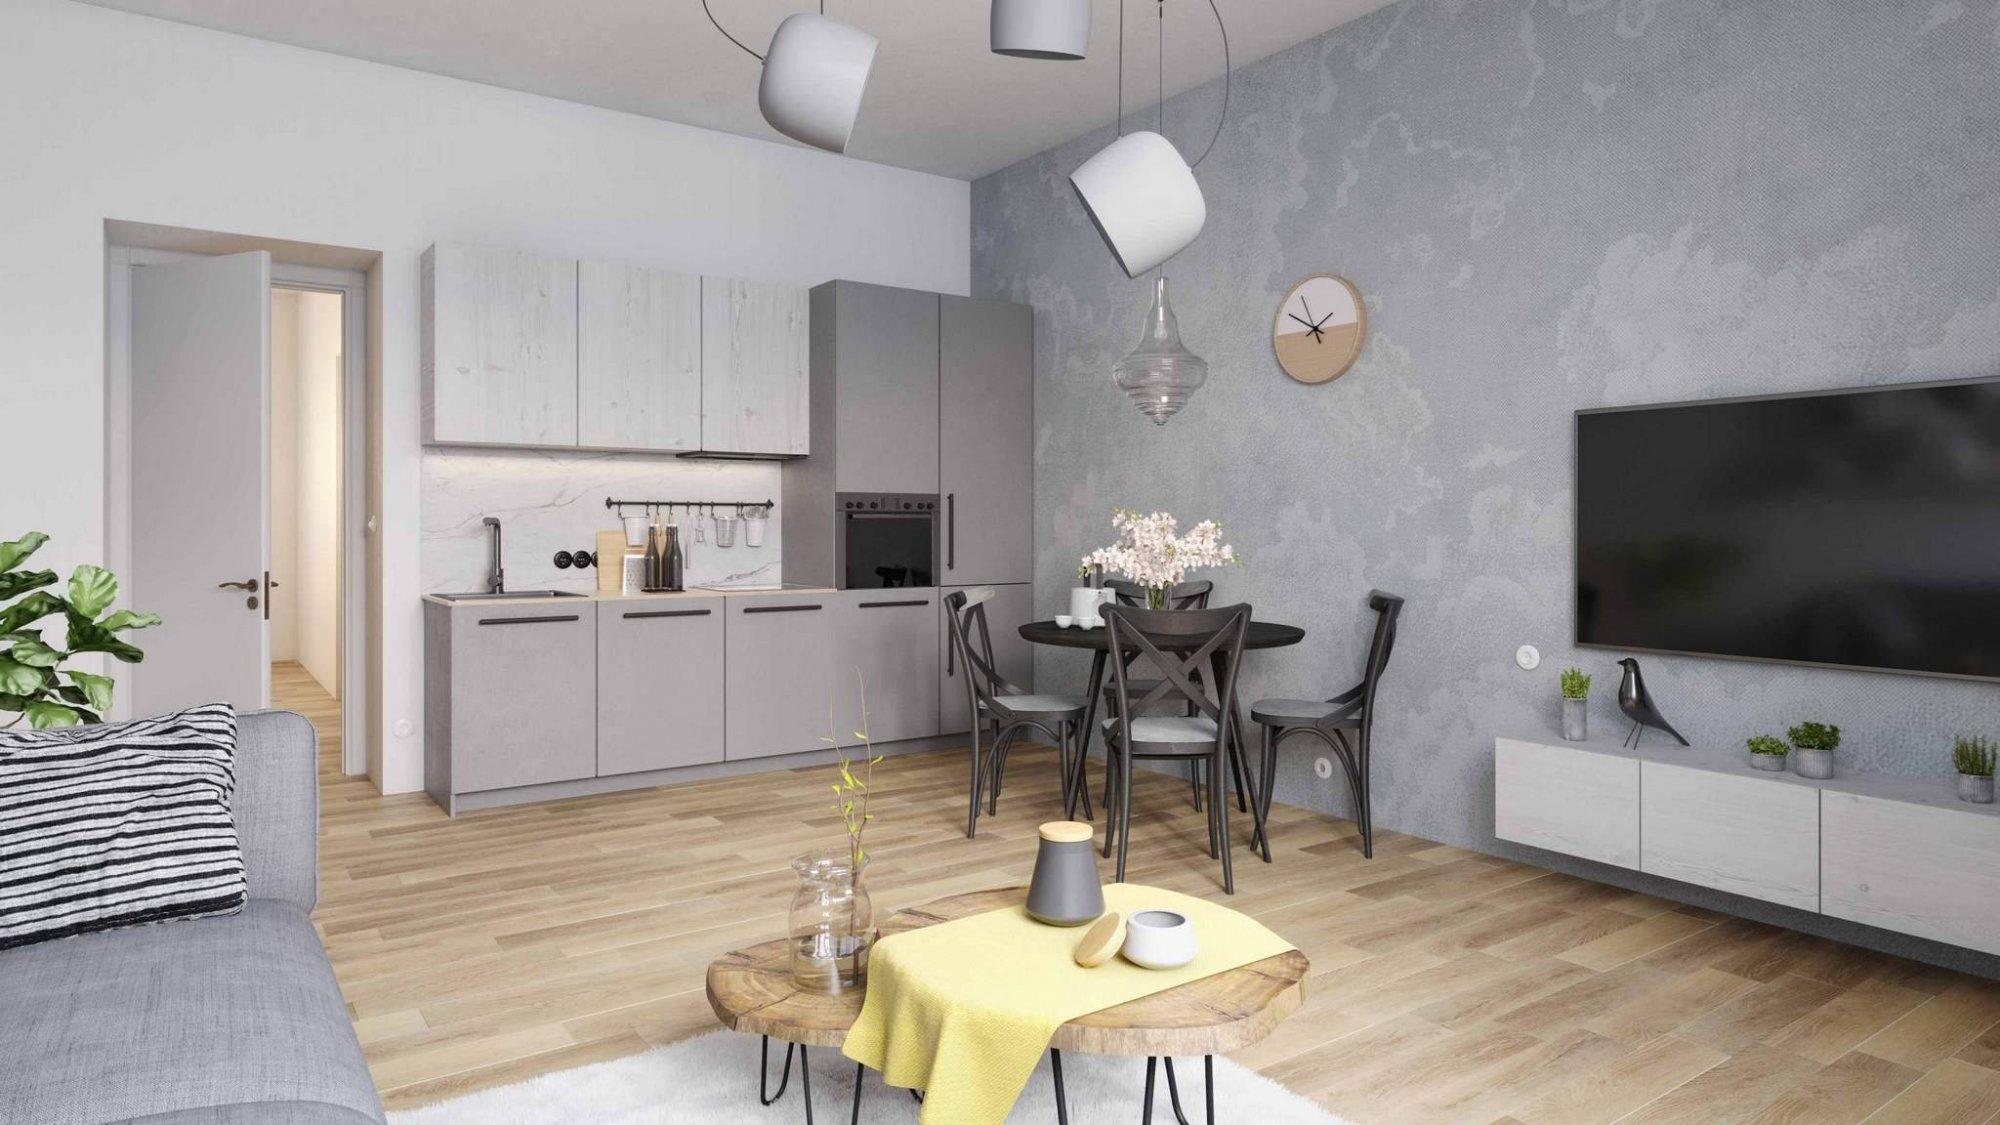 Vizulizace jednoho z bytů Pod Korábem - Půdní byt 2+kk, plocha 40 m², ulice Lindnerova, Praha 8 - Libeň | 1